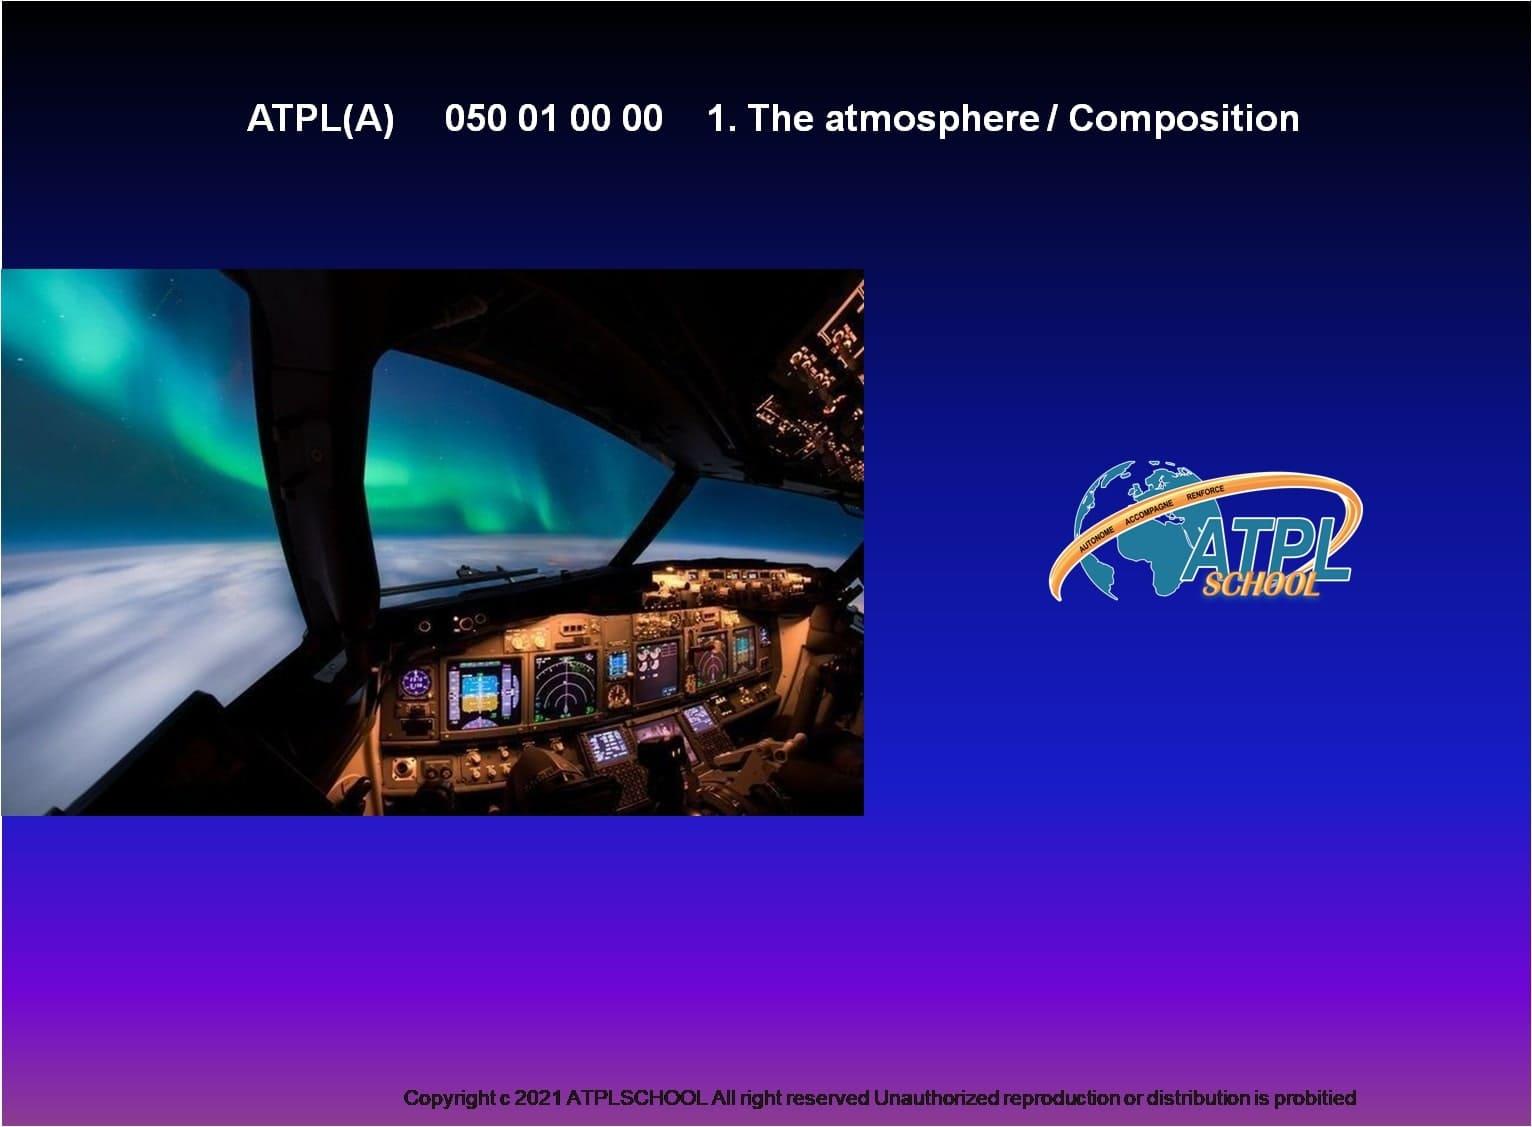 Certificat ATPL théorique avion 050 météorologie atplschool formation pilote de ligne école de pilotage professionnel atmosphère composition